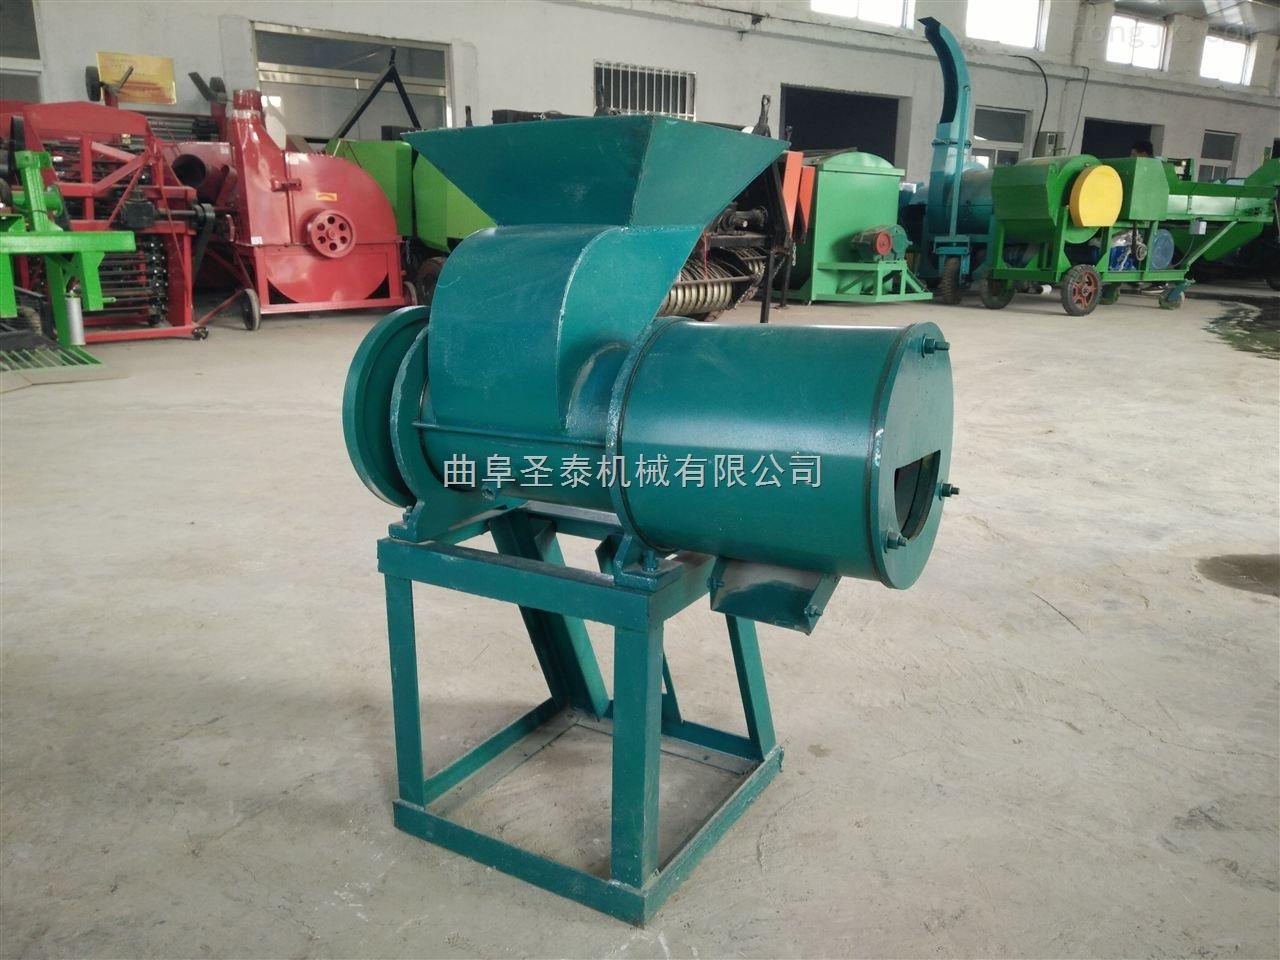 锯齿式红薯淀粉机厂家 土豆淀粉加工设备